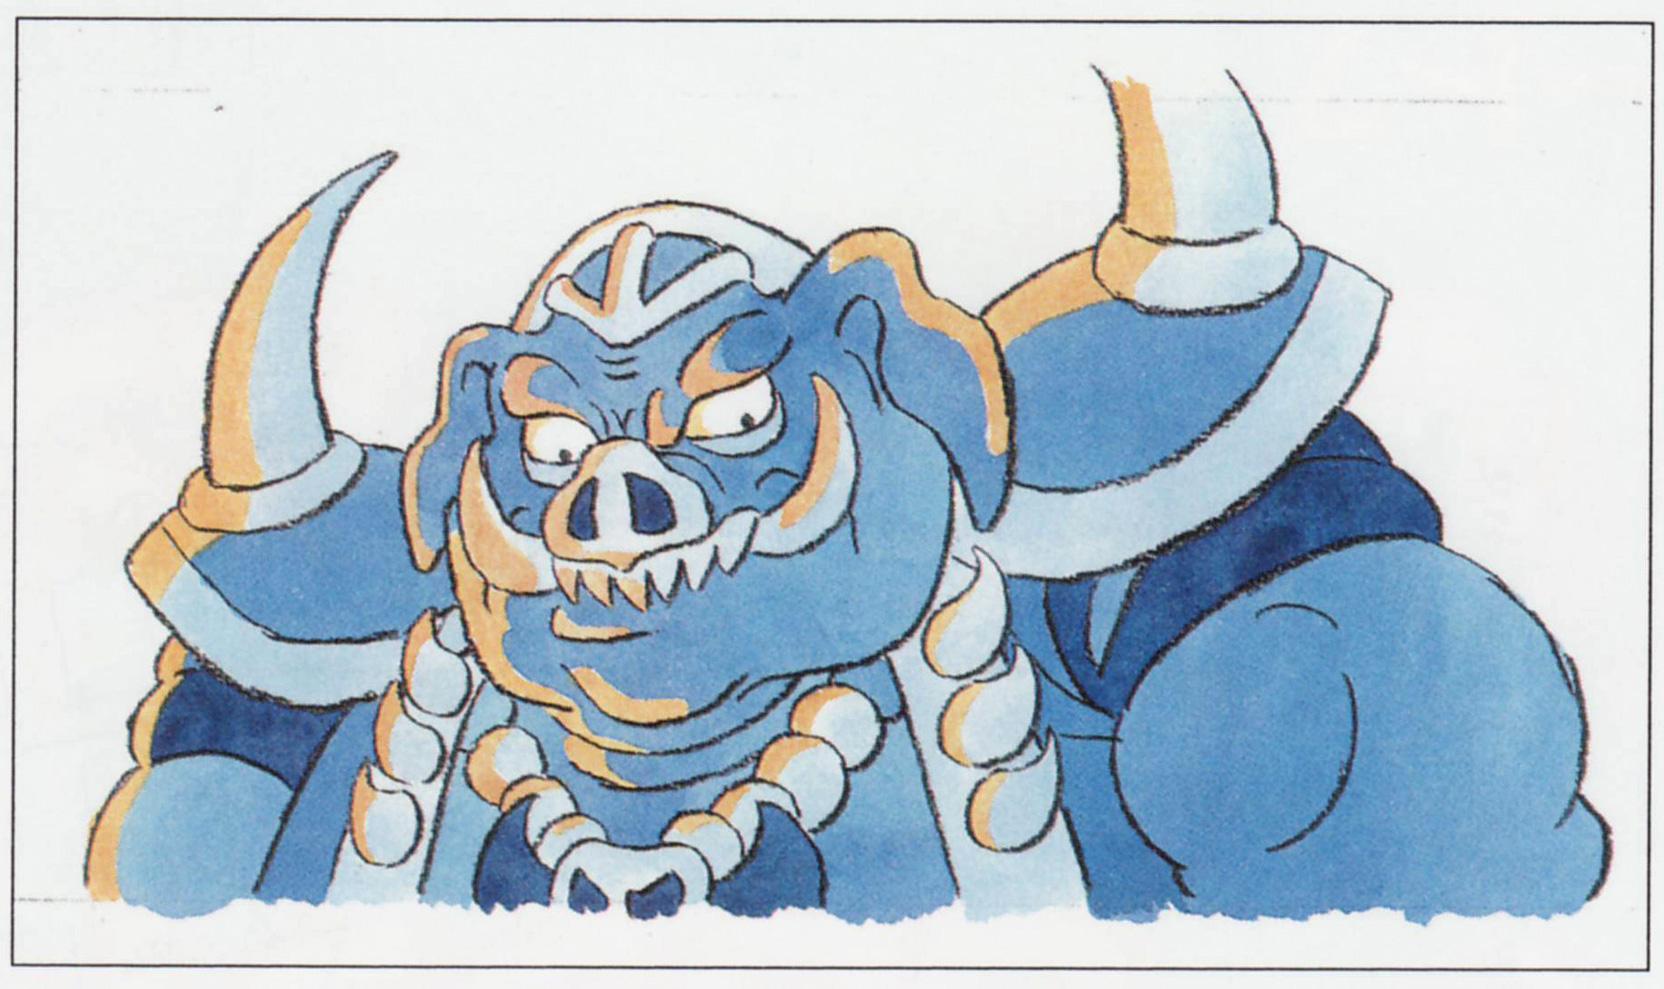 Ganon (The Legend of Zelda)